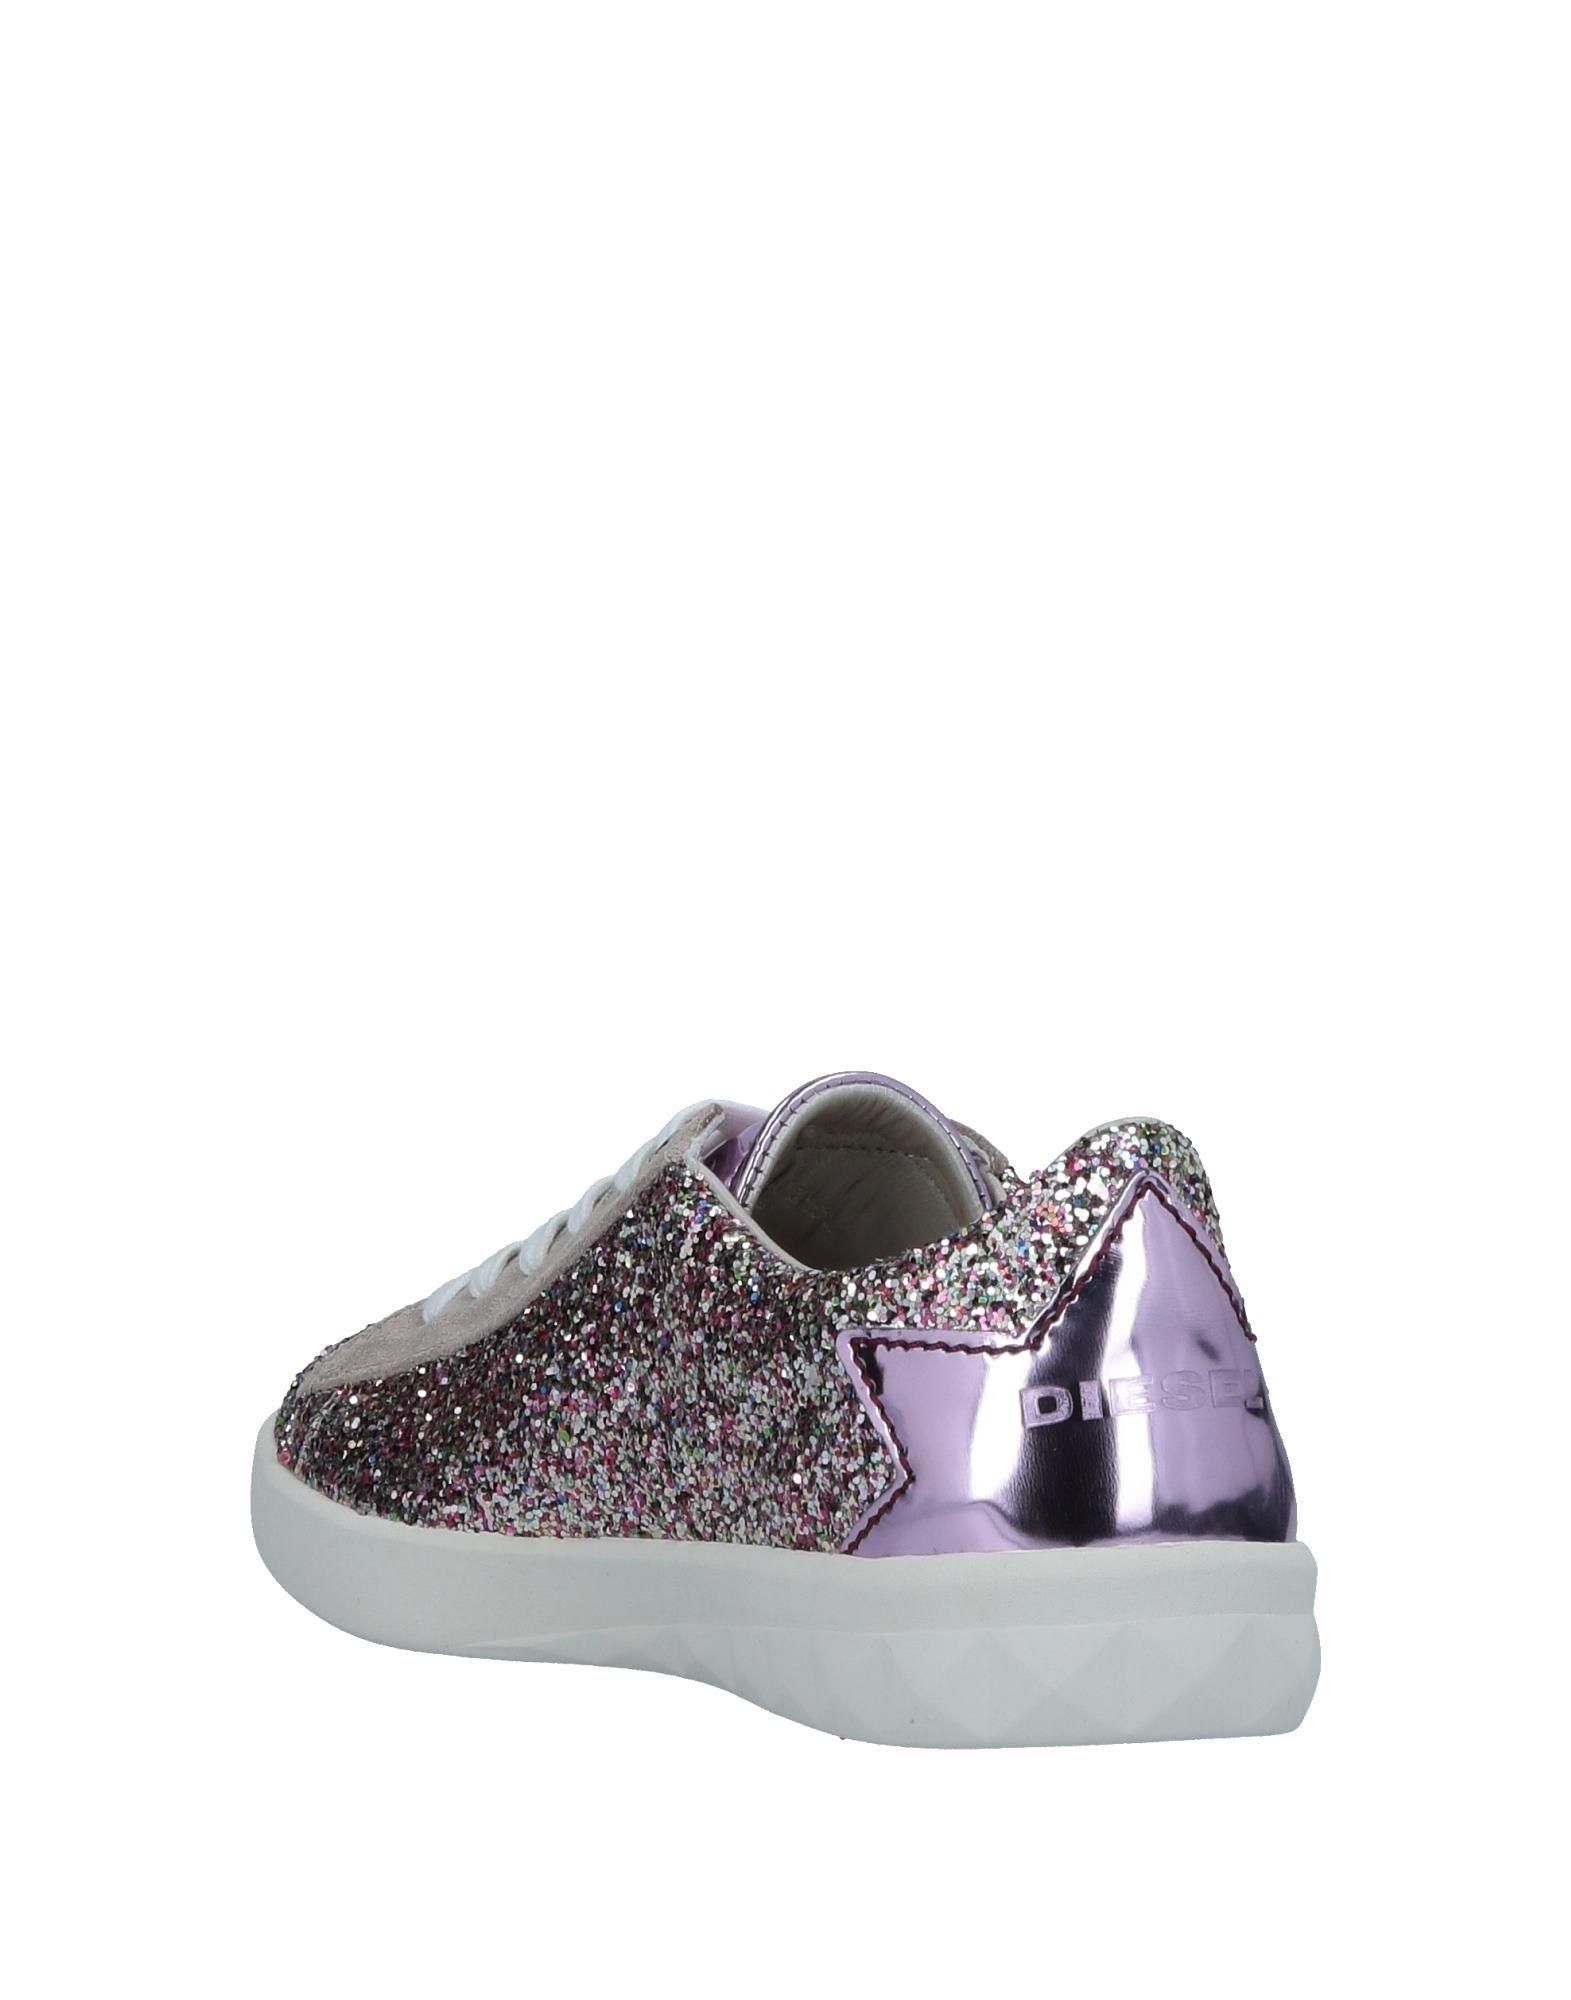 Diesel 11533821PH Sneakers Damen  11533821PH Diesel Gute Qualität beliebte Schuhe 55a73c